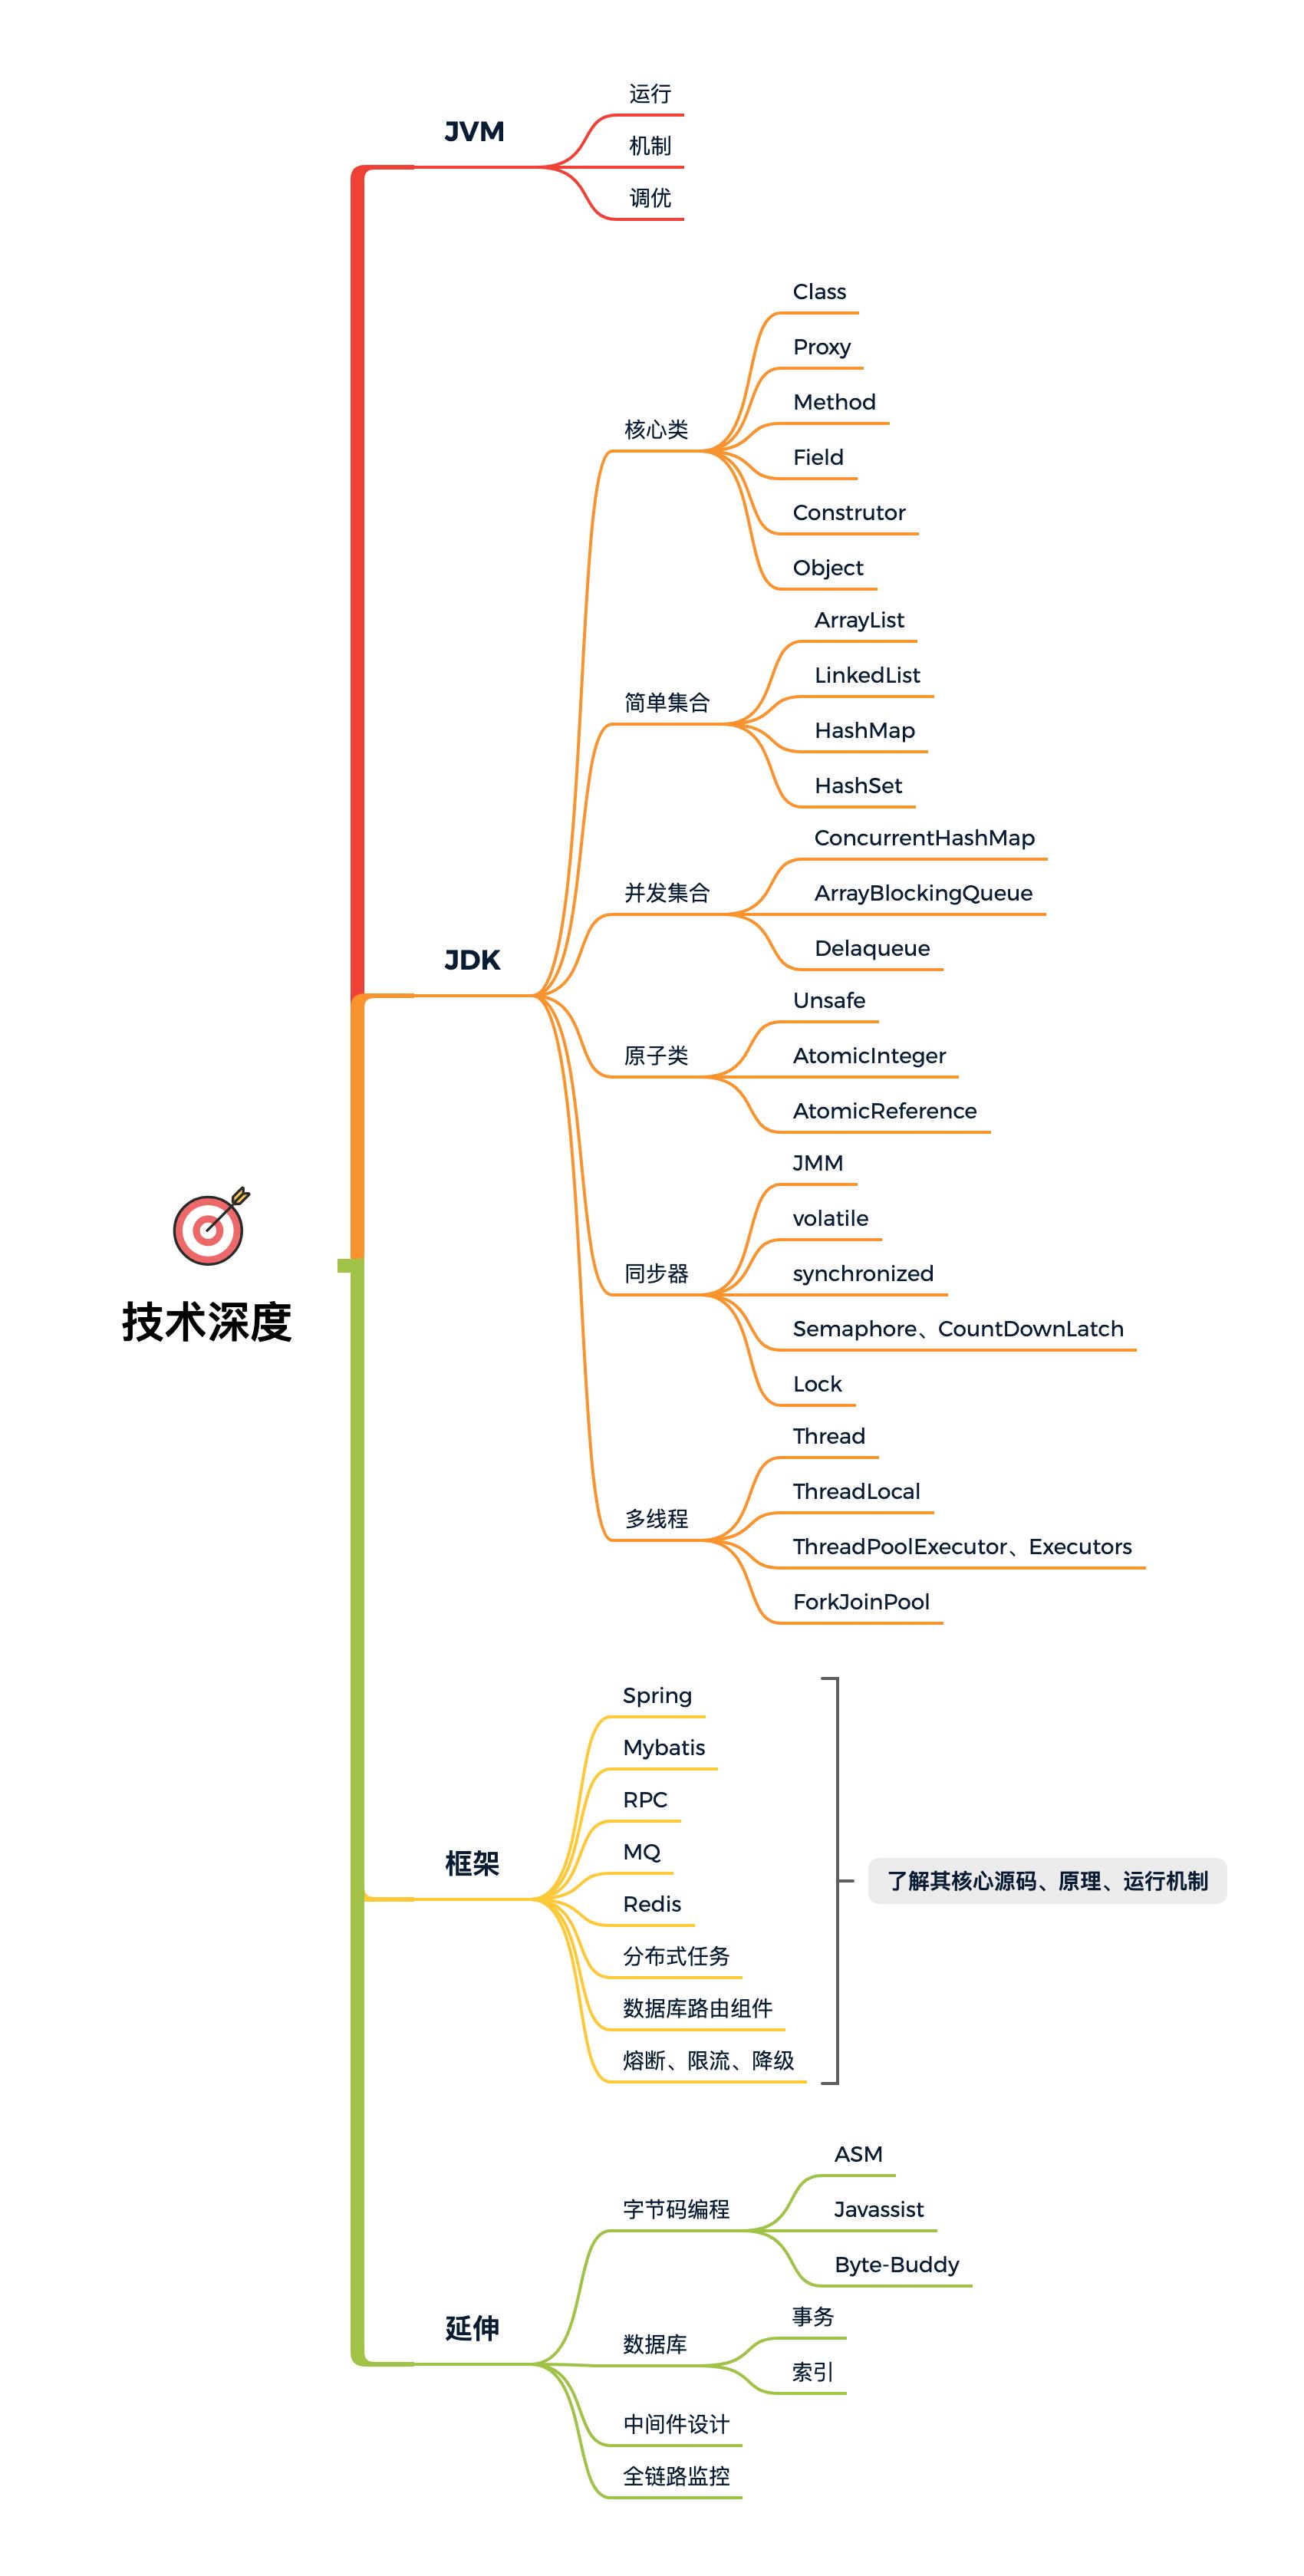 图 16-3 技术深度